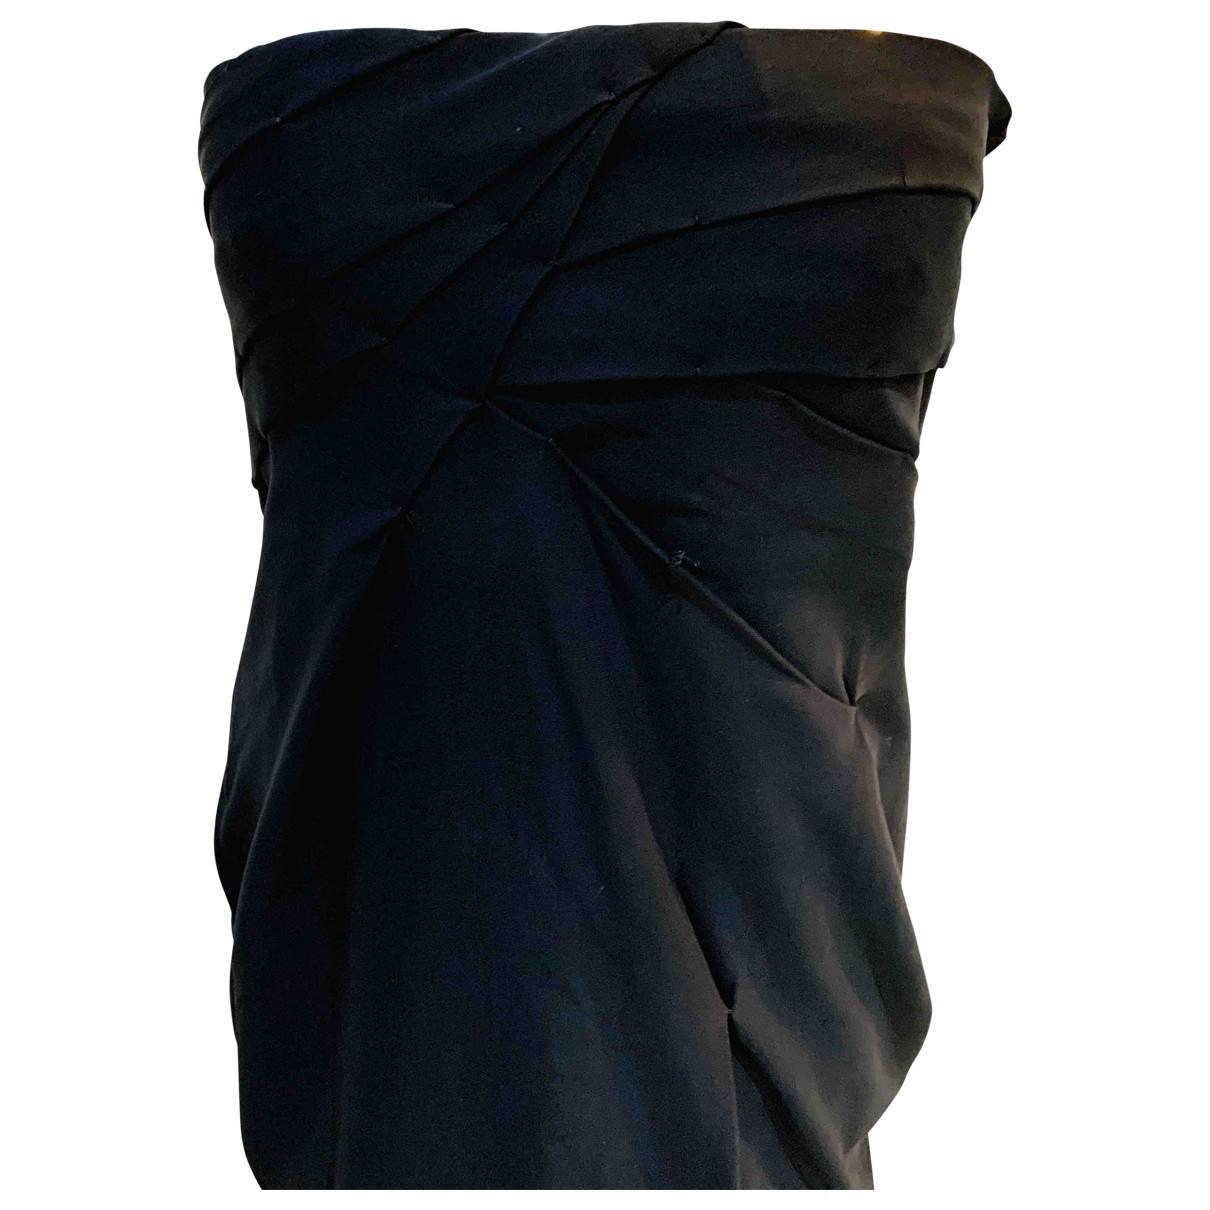 Miu Miu \N Black dress for Women 40 IT